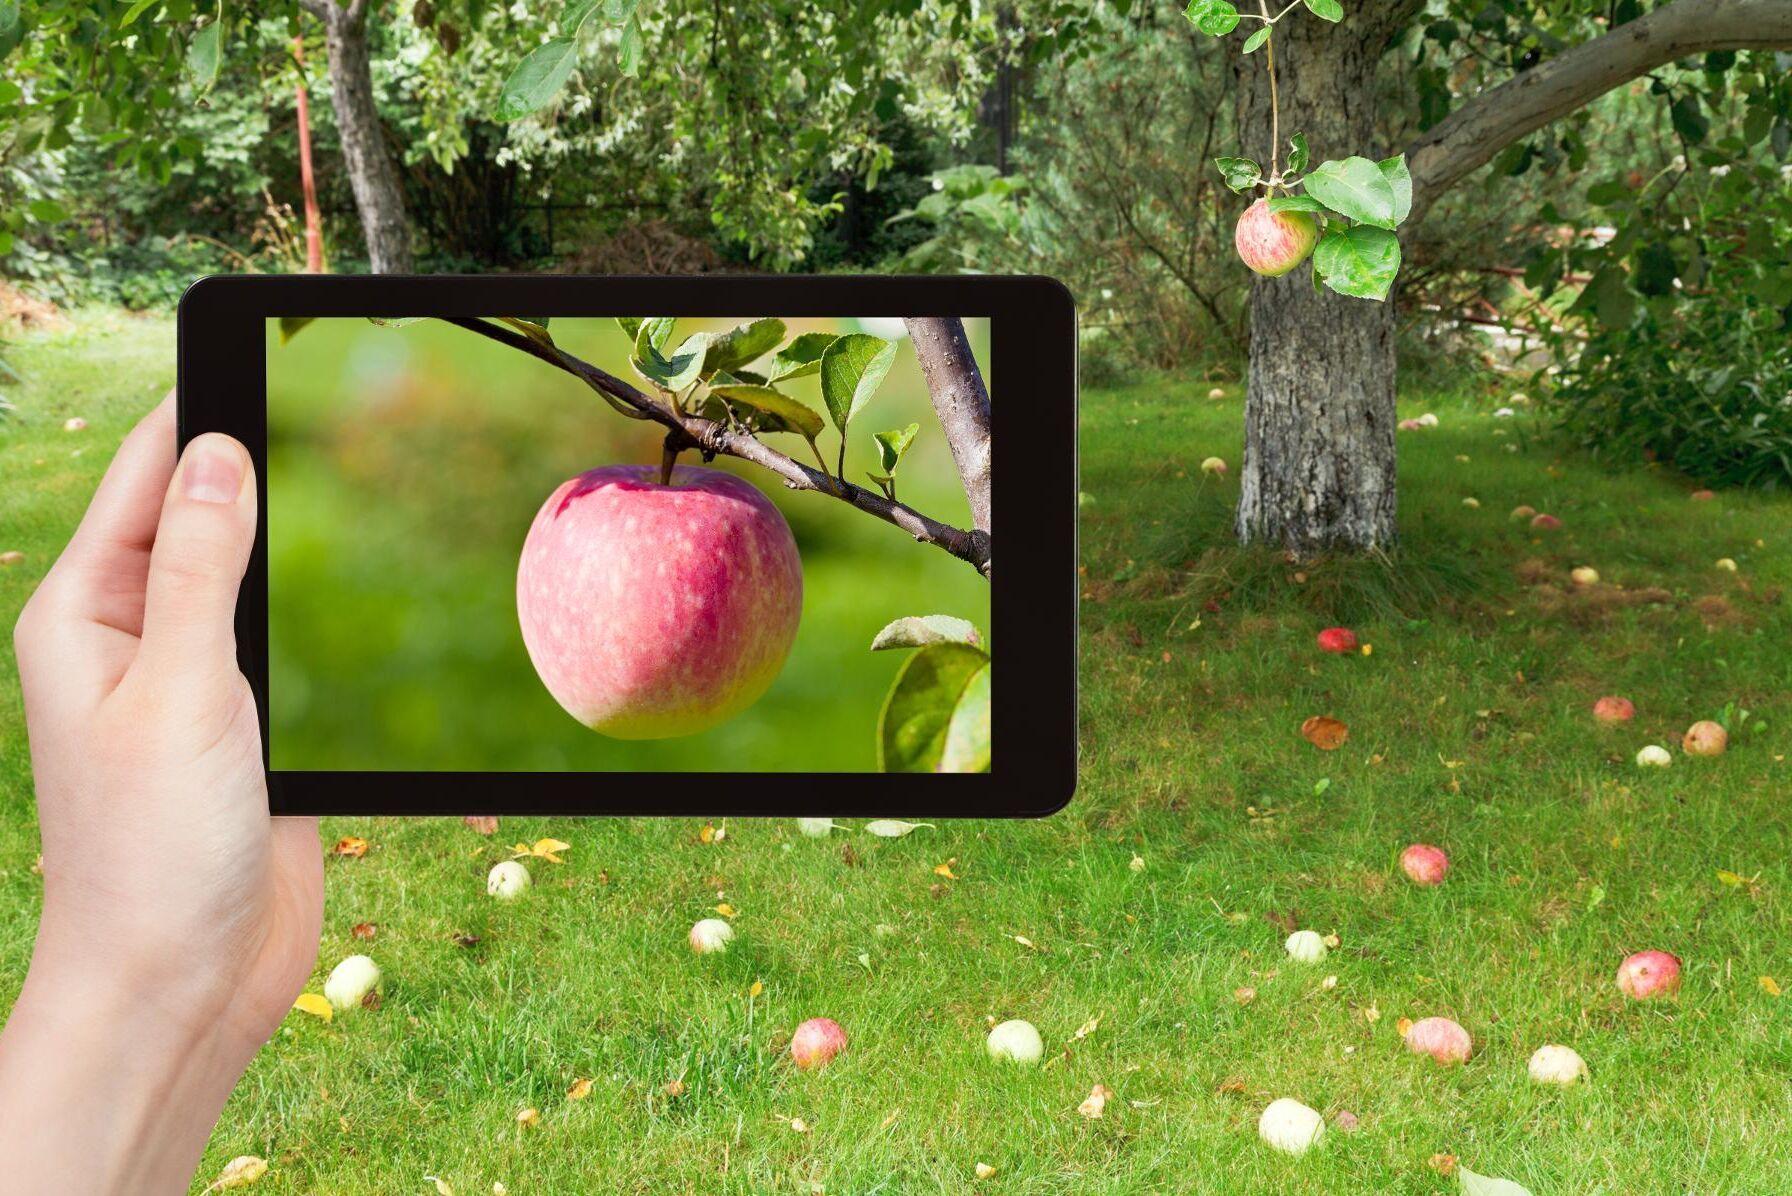 Äpplet faller inte långt från trädet, brukar det heta, men nu vill Apple klimatkompensera för sin verksamhet genom att själva plantera träd.